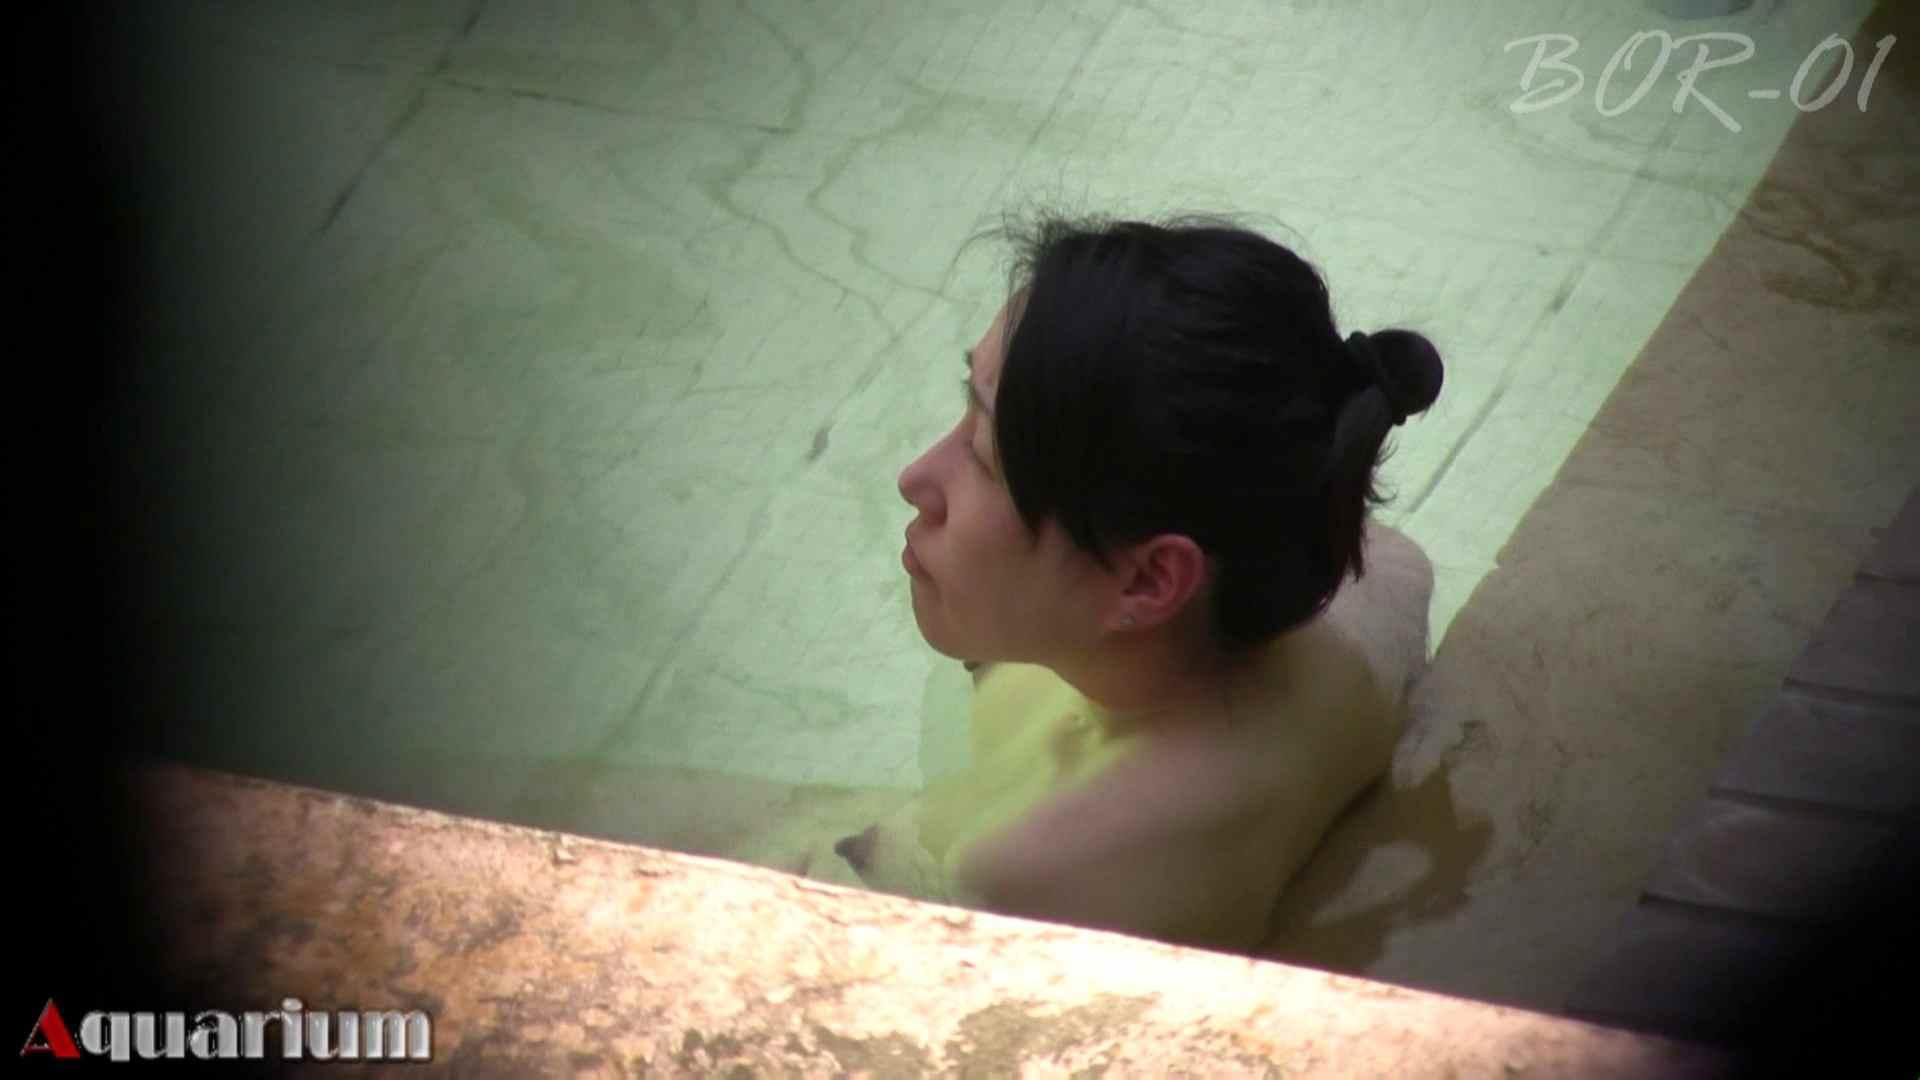 Aquaな露天風呂Vol.461 OLエロ画像  62PICs 27